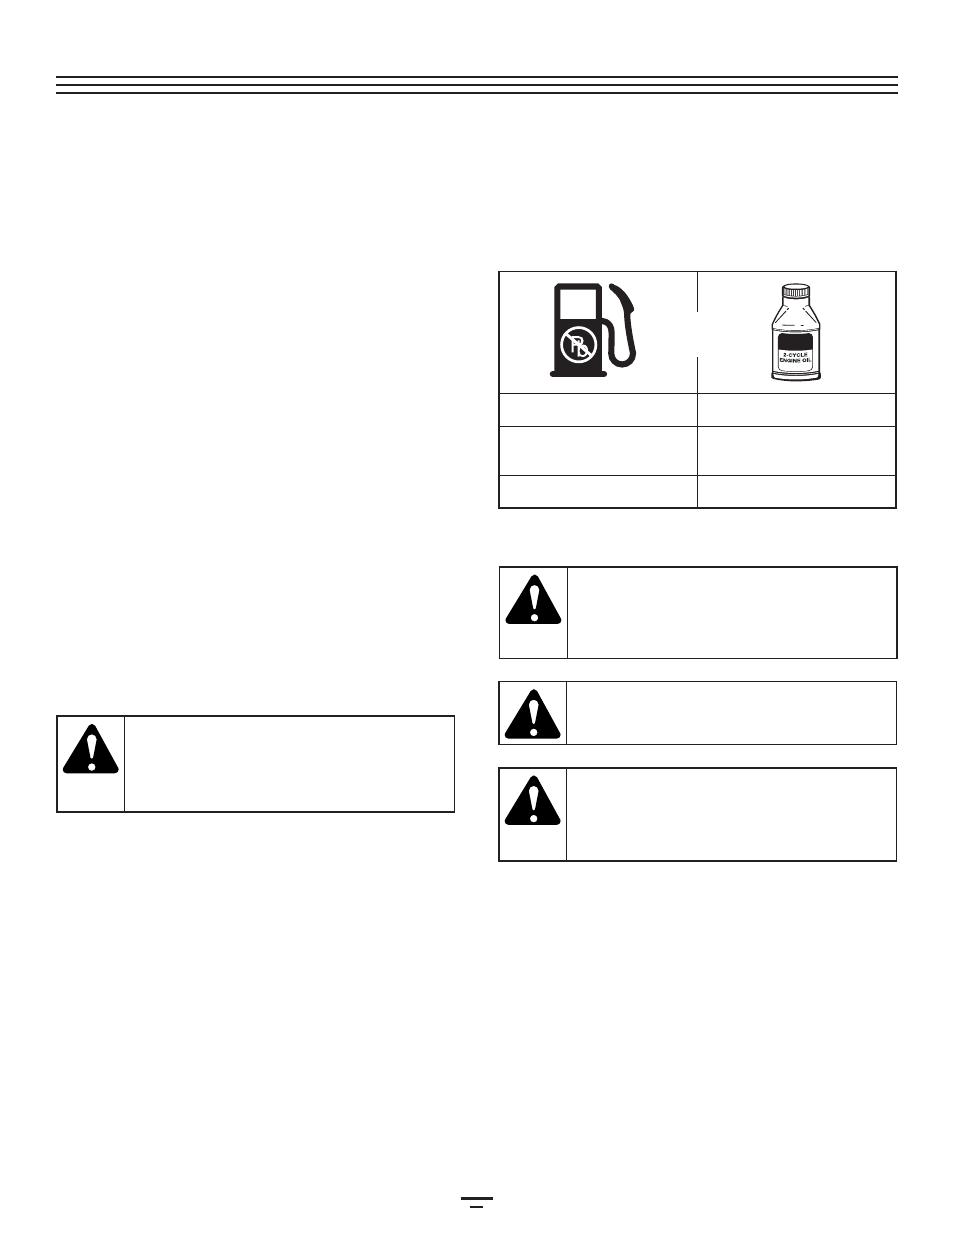 oil fuel information bolens bl250 user manual page 10 80 rh manualsdir com New Holland Manuals Bolens Primer Bulb